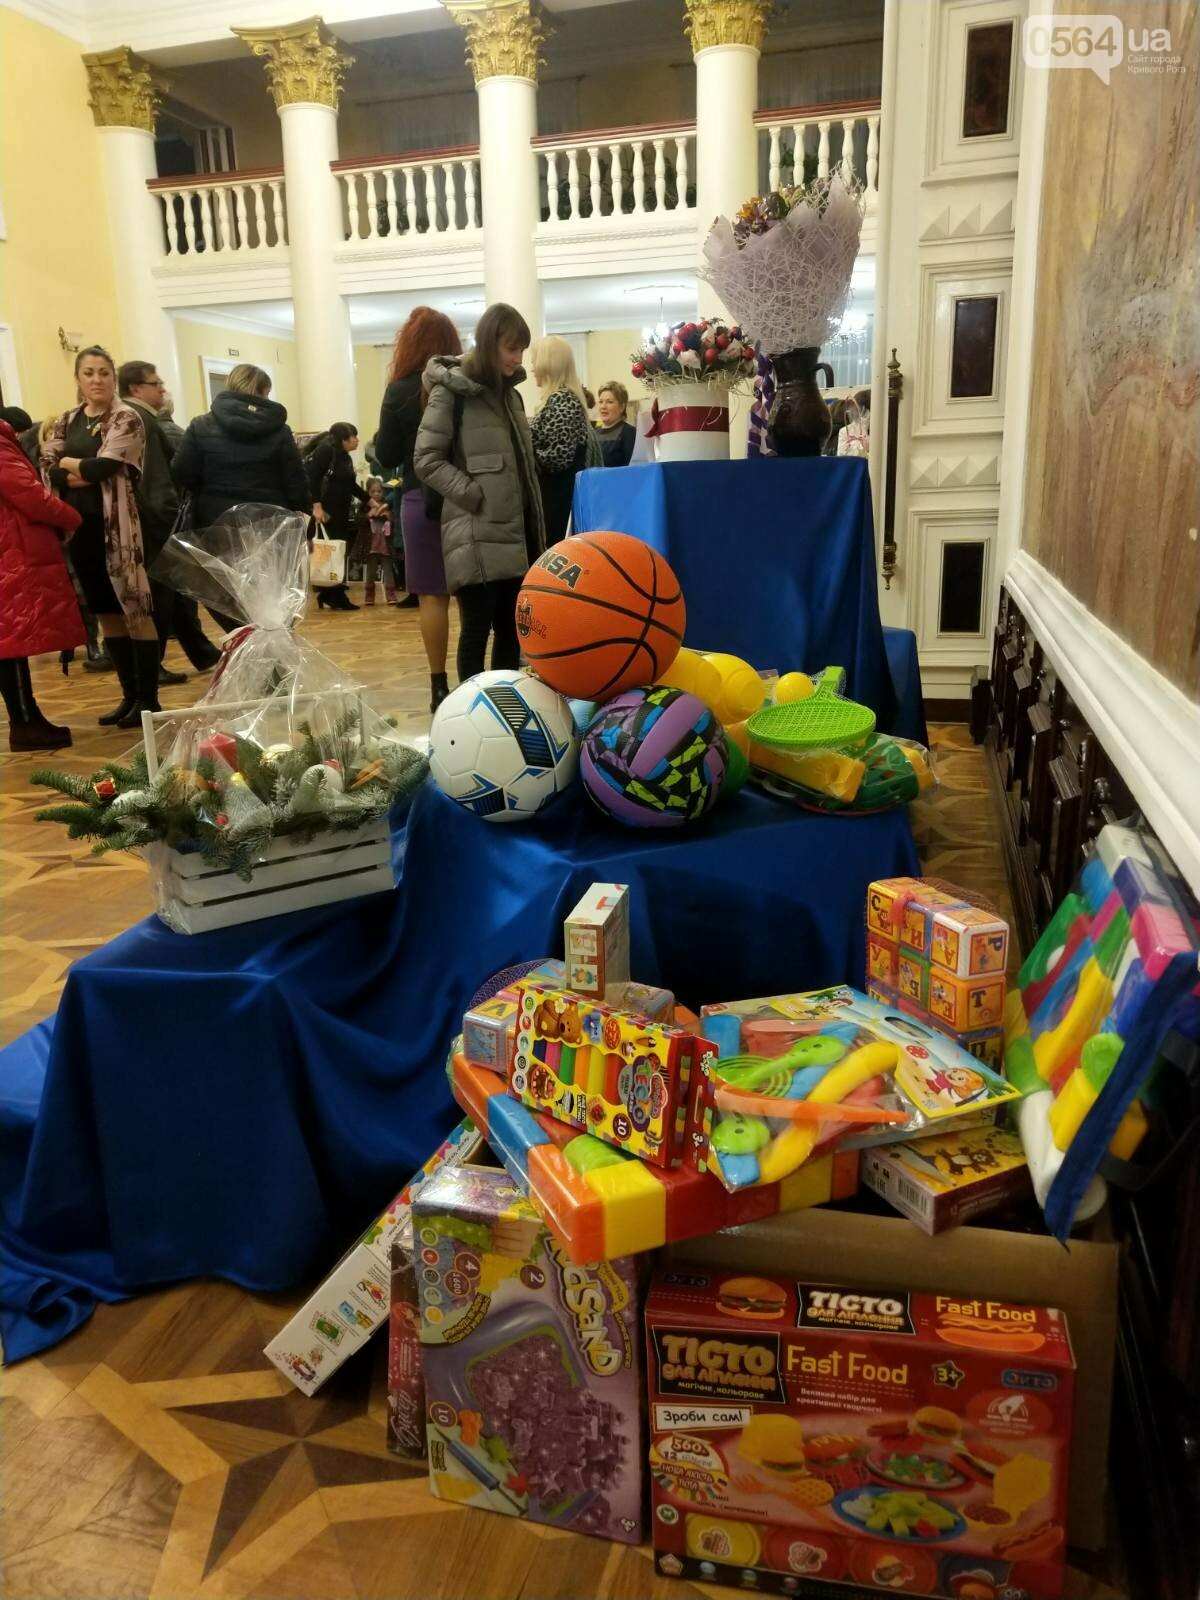 На 7 благотворительном аукционе в Кривом Роге предприниматели собрали более 37 тысяч, - ФОТО, фото-10